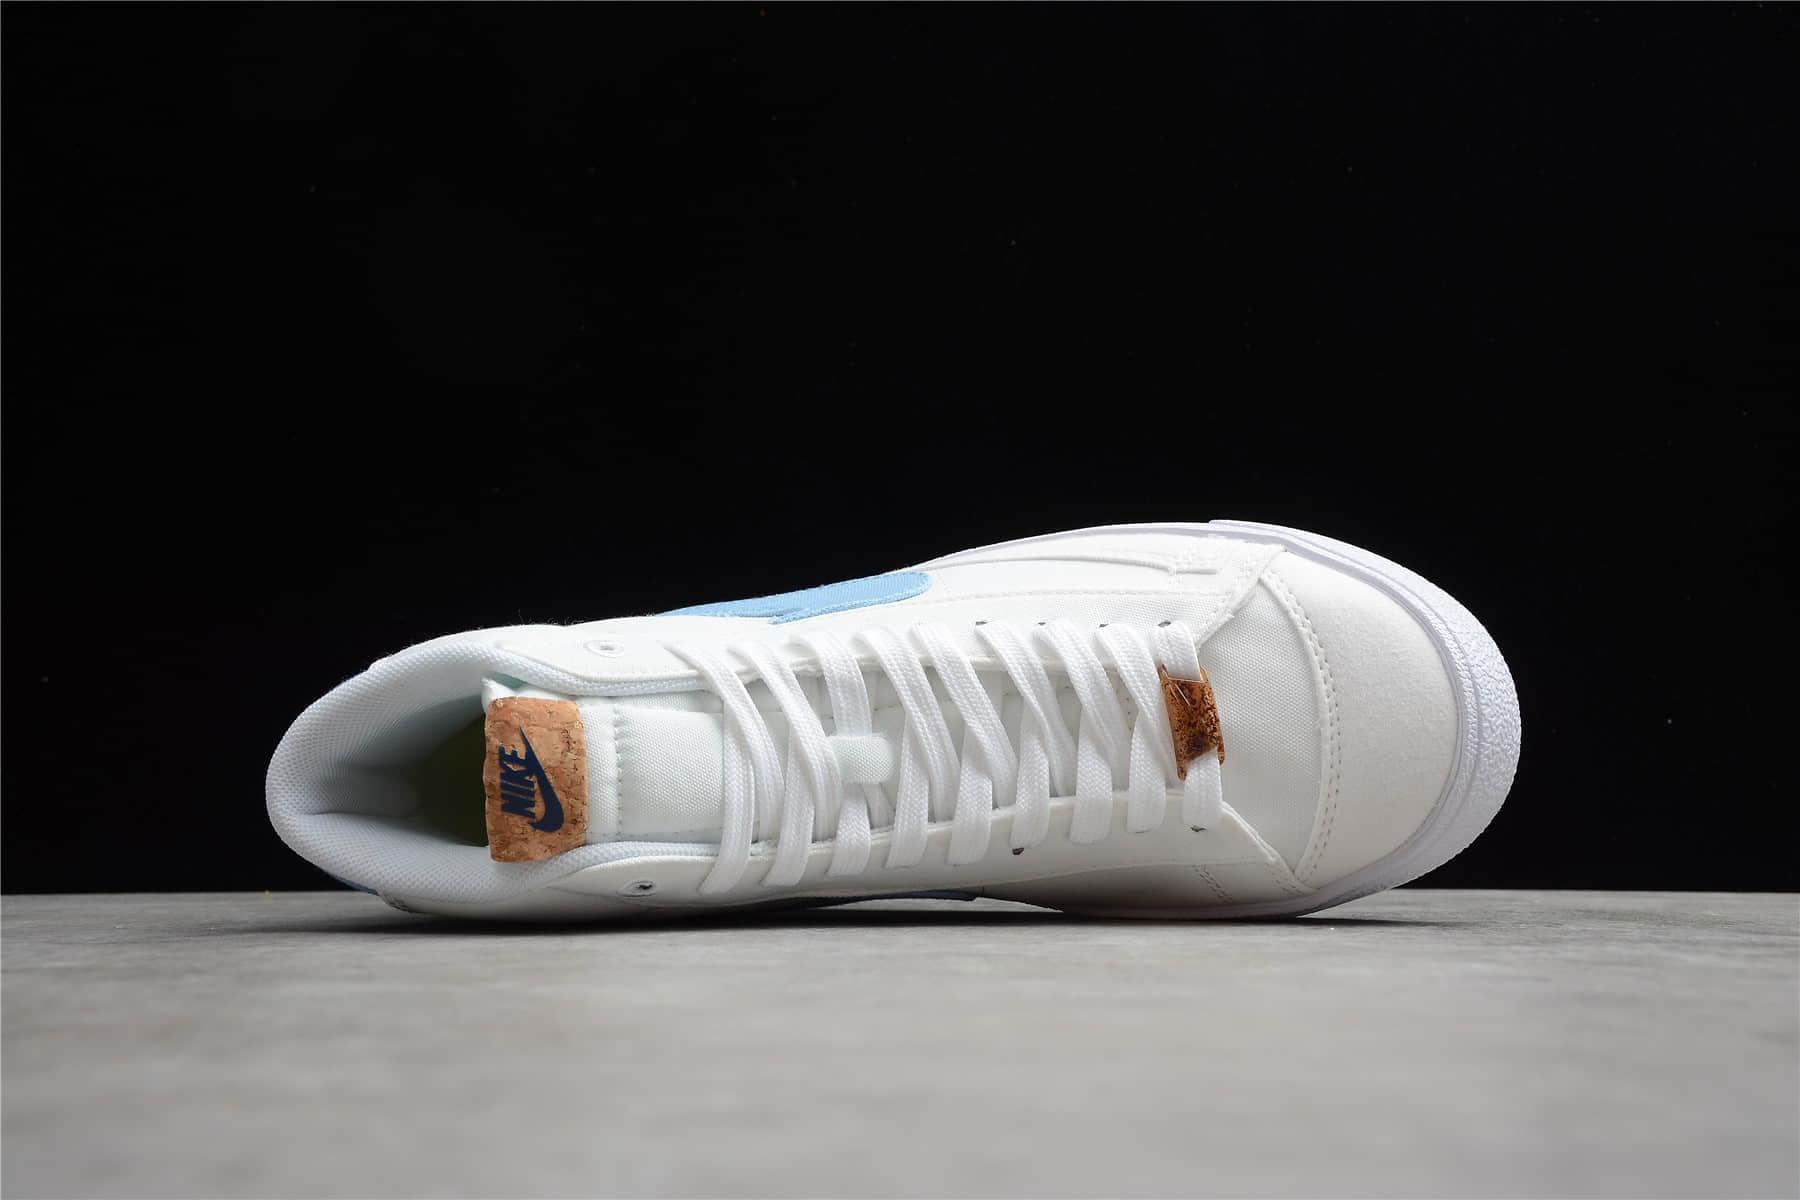 """耐克开拓者高帮帆布花卉刺绣 Nike Blazer Mid '77 """"Indigo"""" 耐克开拓者白蓝高帮帆布鞋 货号:DC9265-100-潮流者之家"""